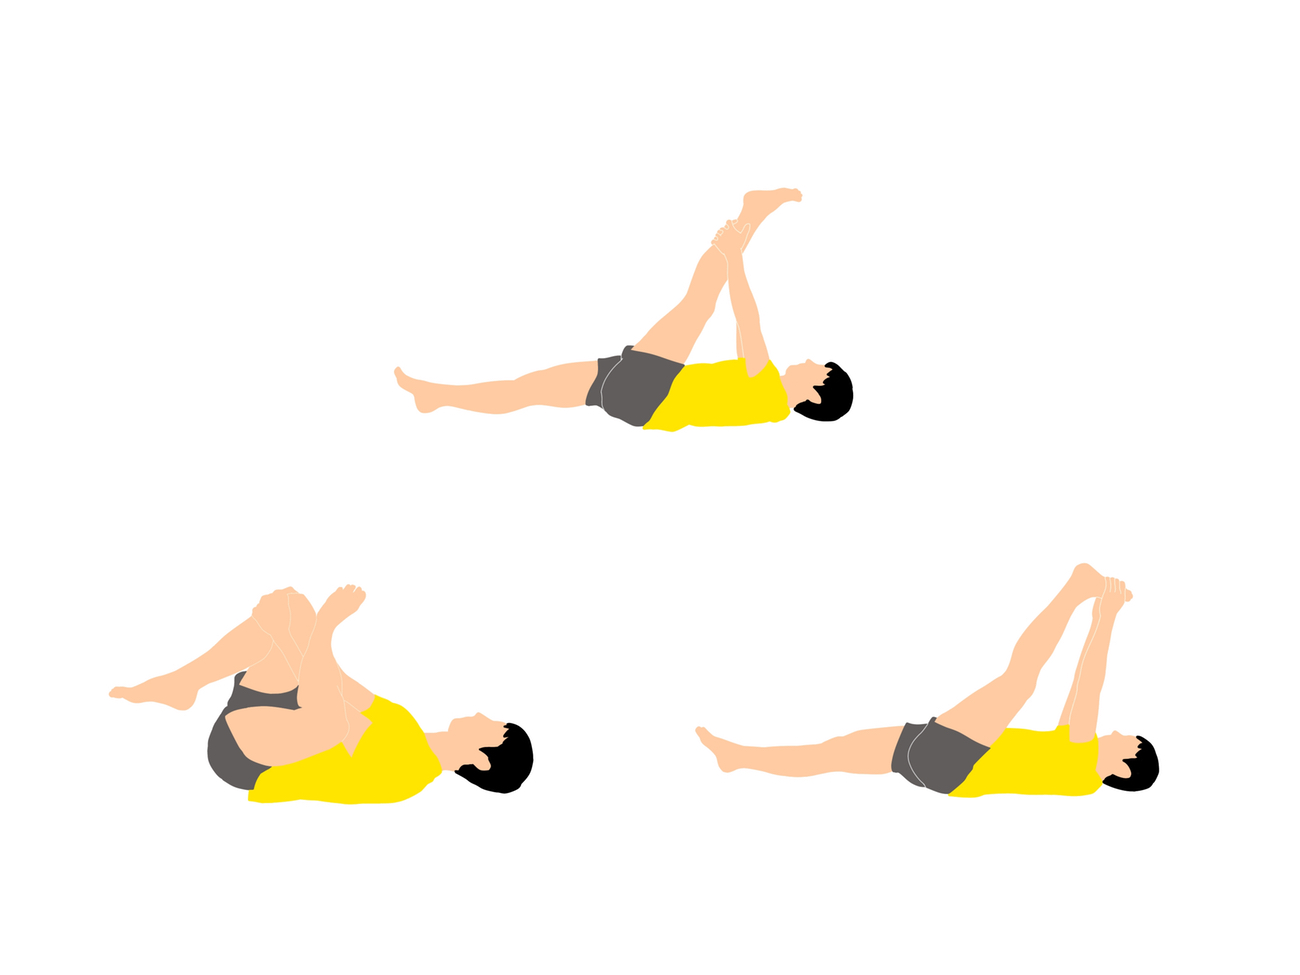 脚を高く上げて前屈を柔らかくするためのストレッチプログラム